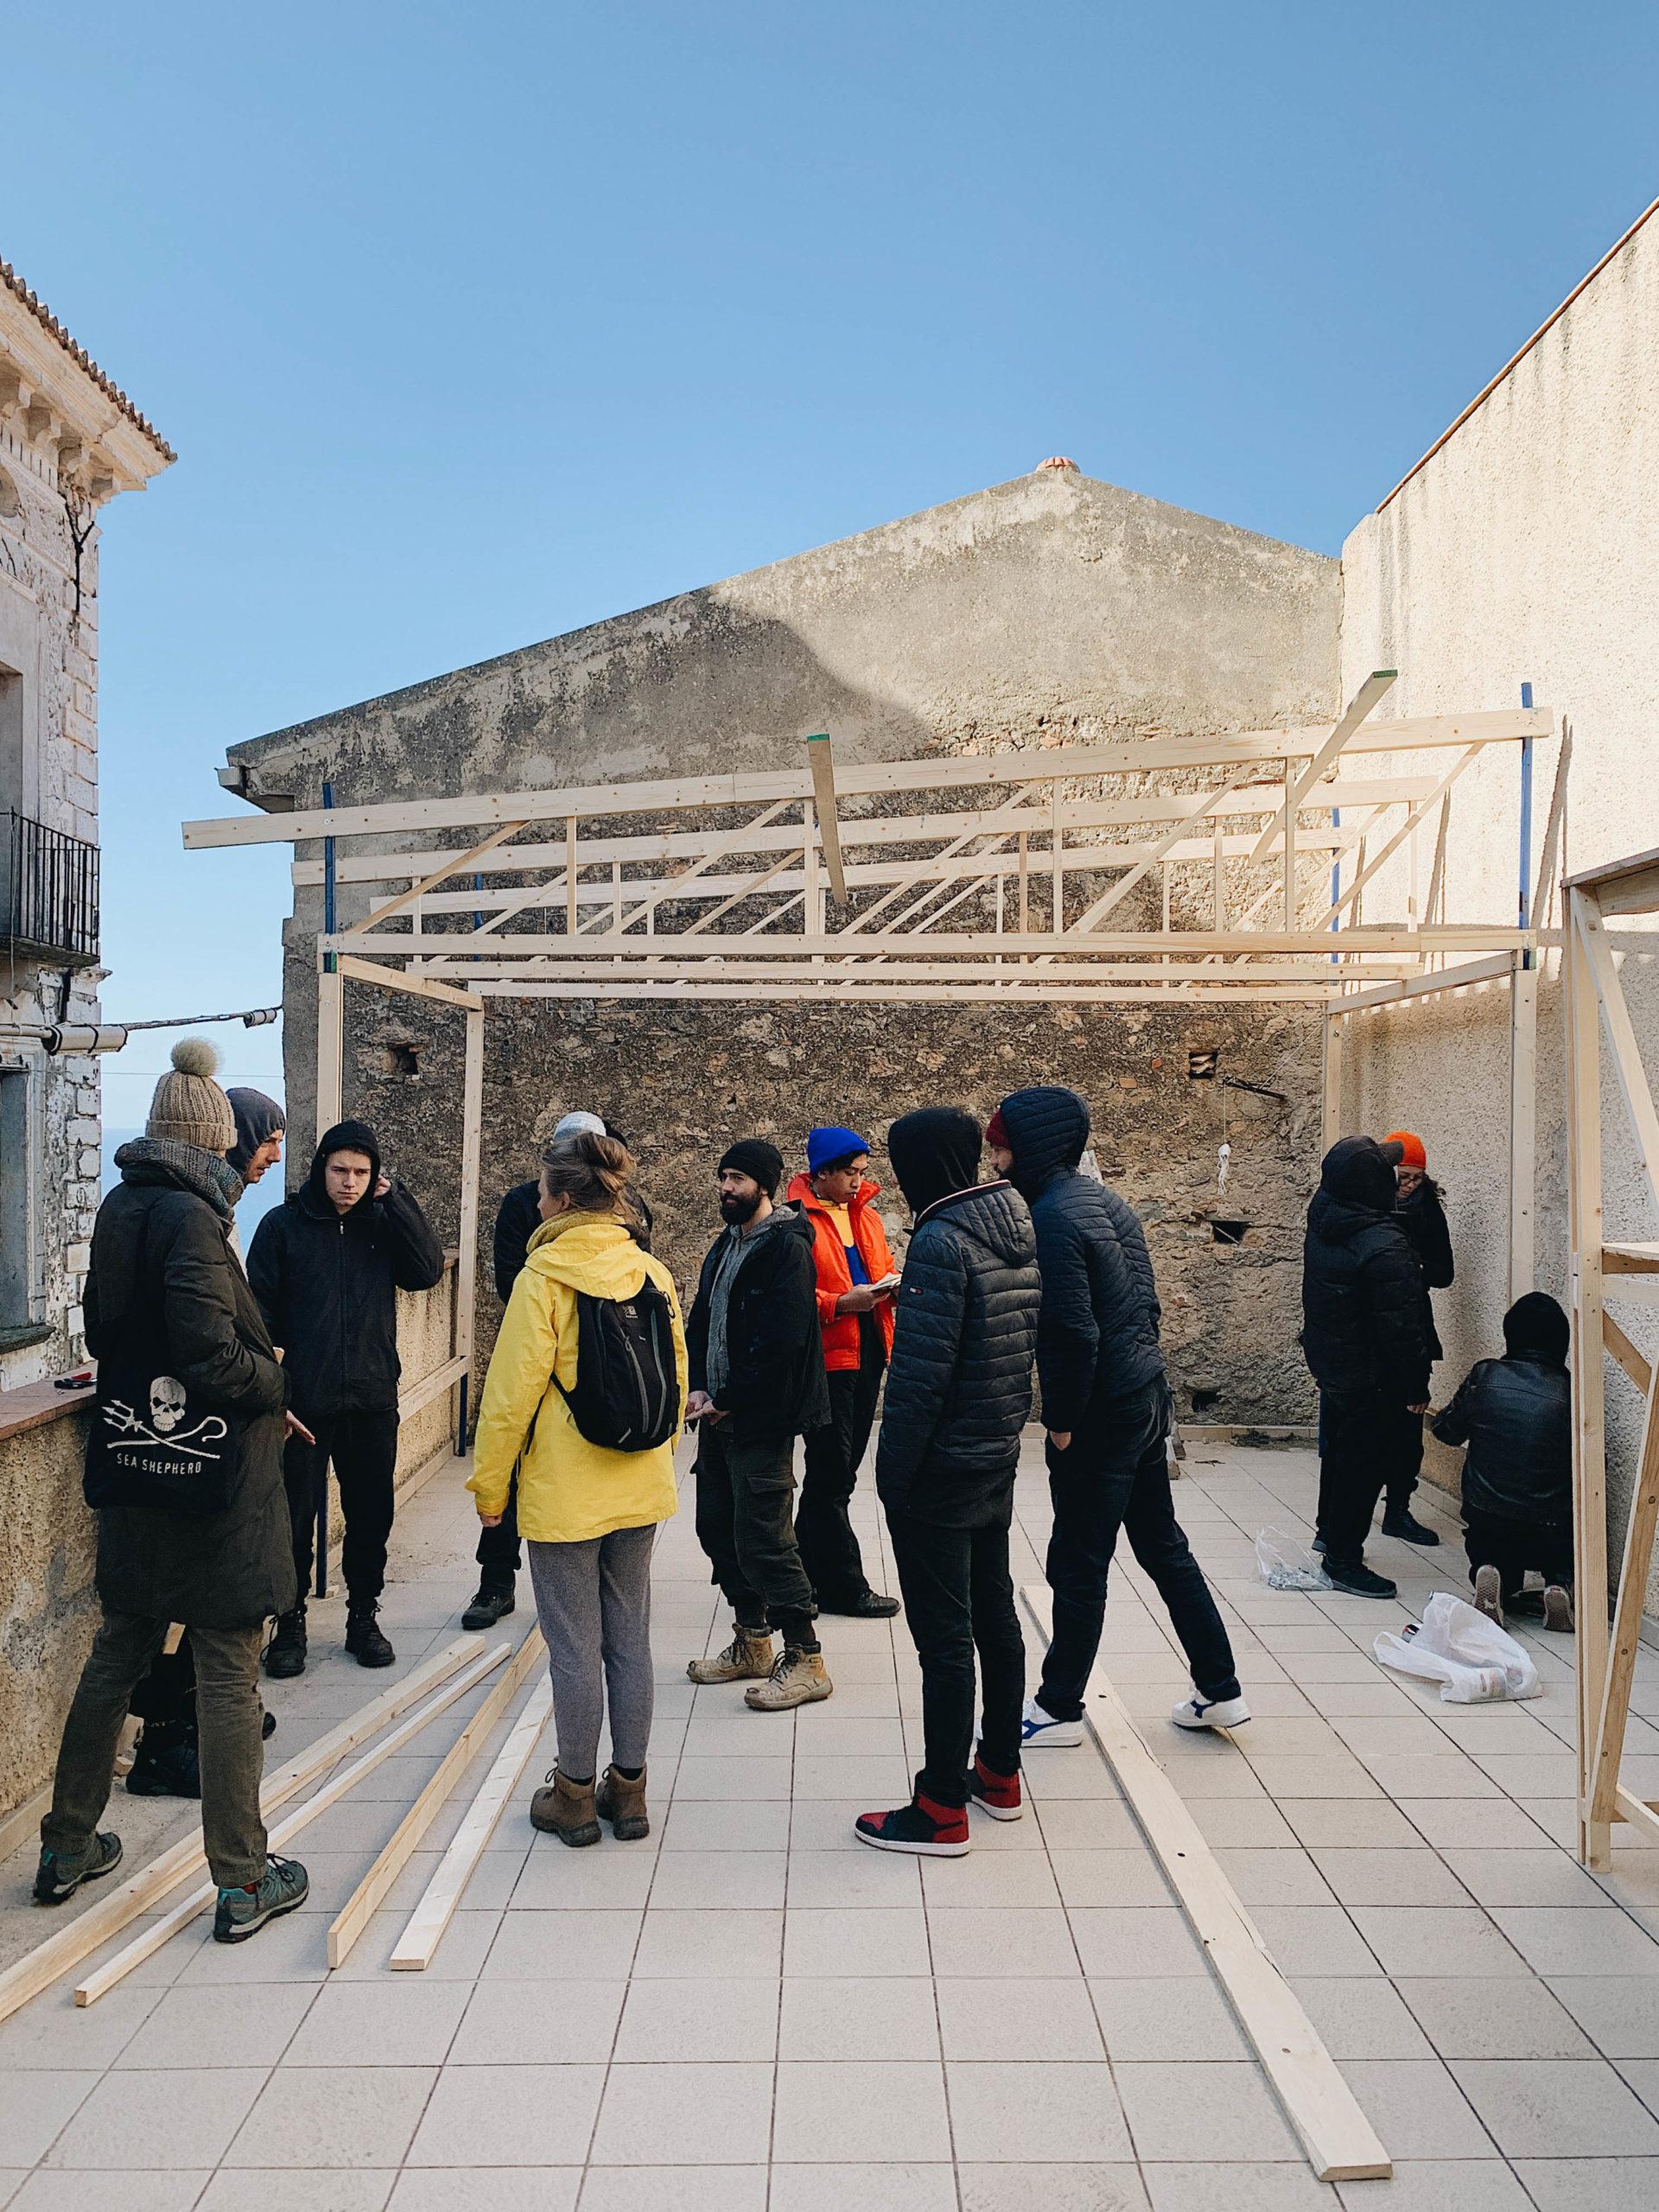 Studenti alla casa costruendo la struttura con Orizzontale